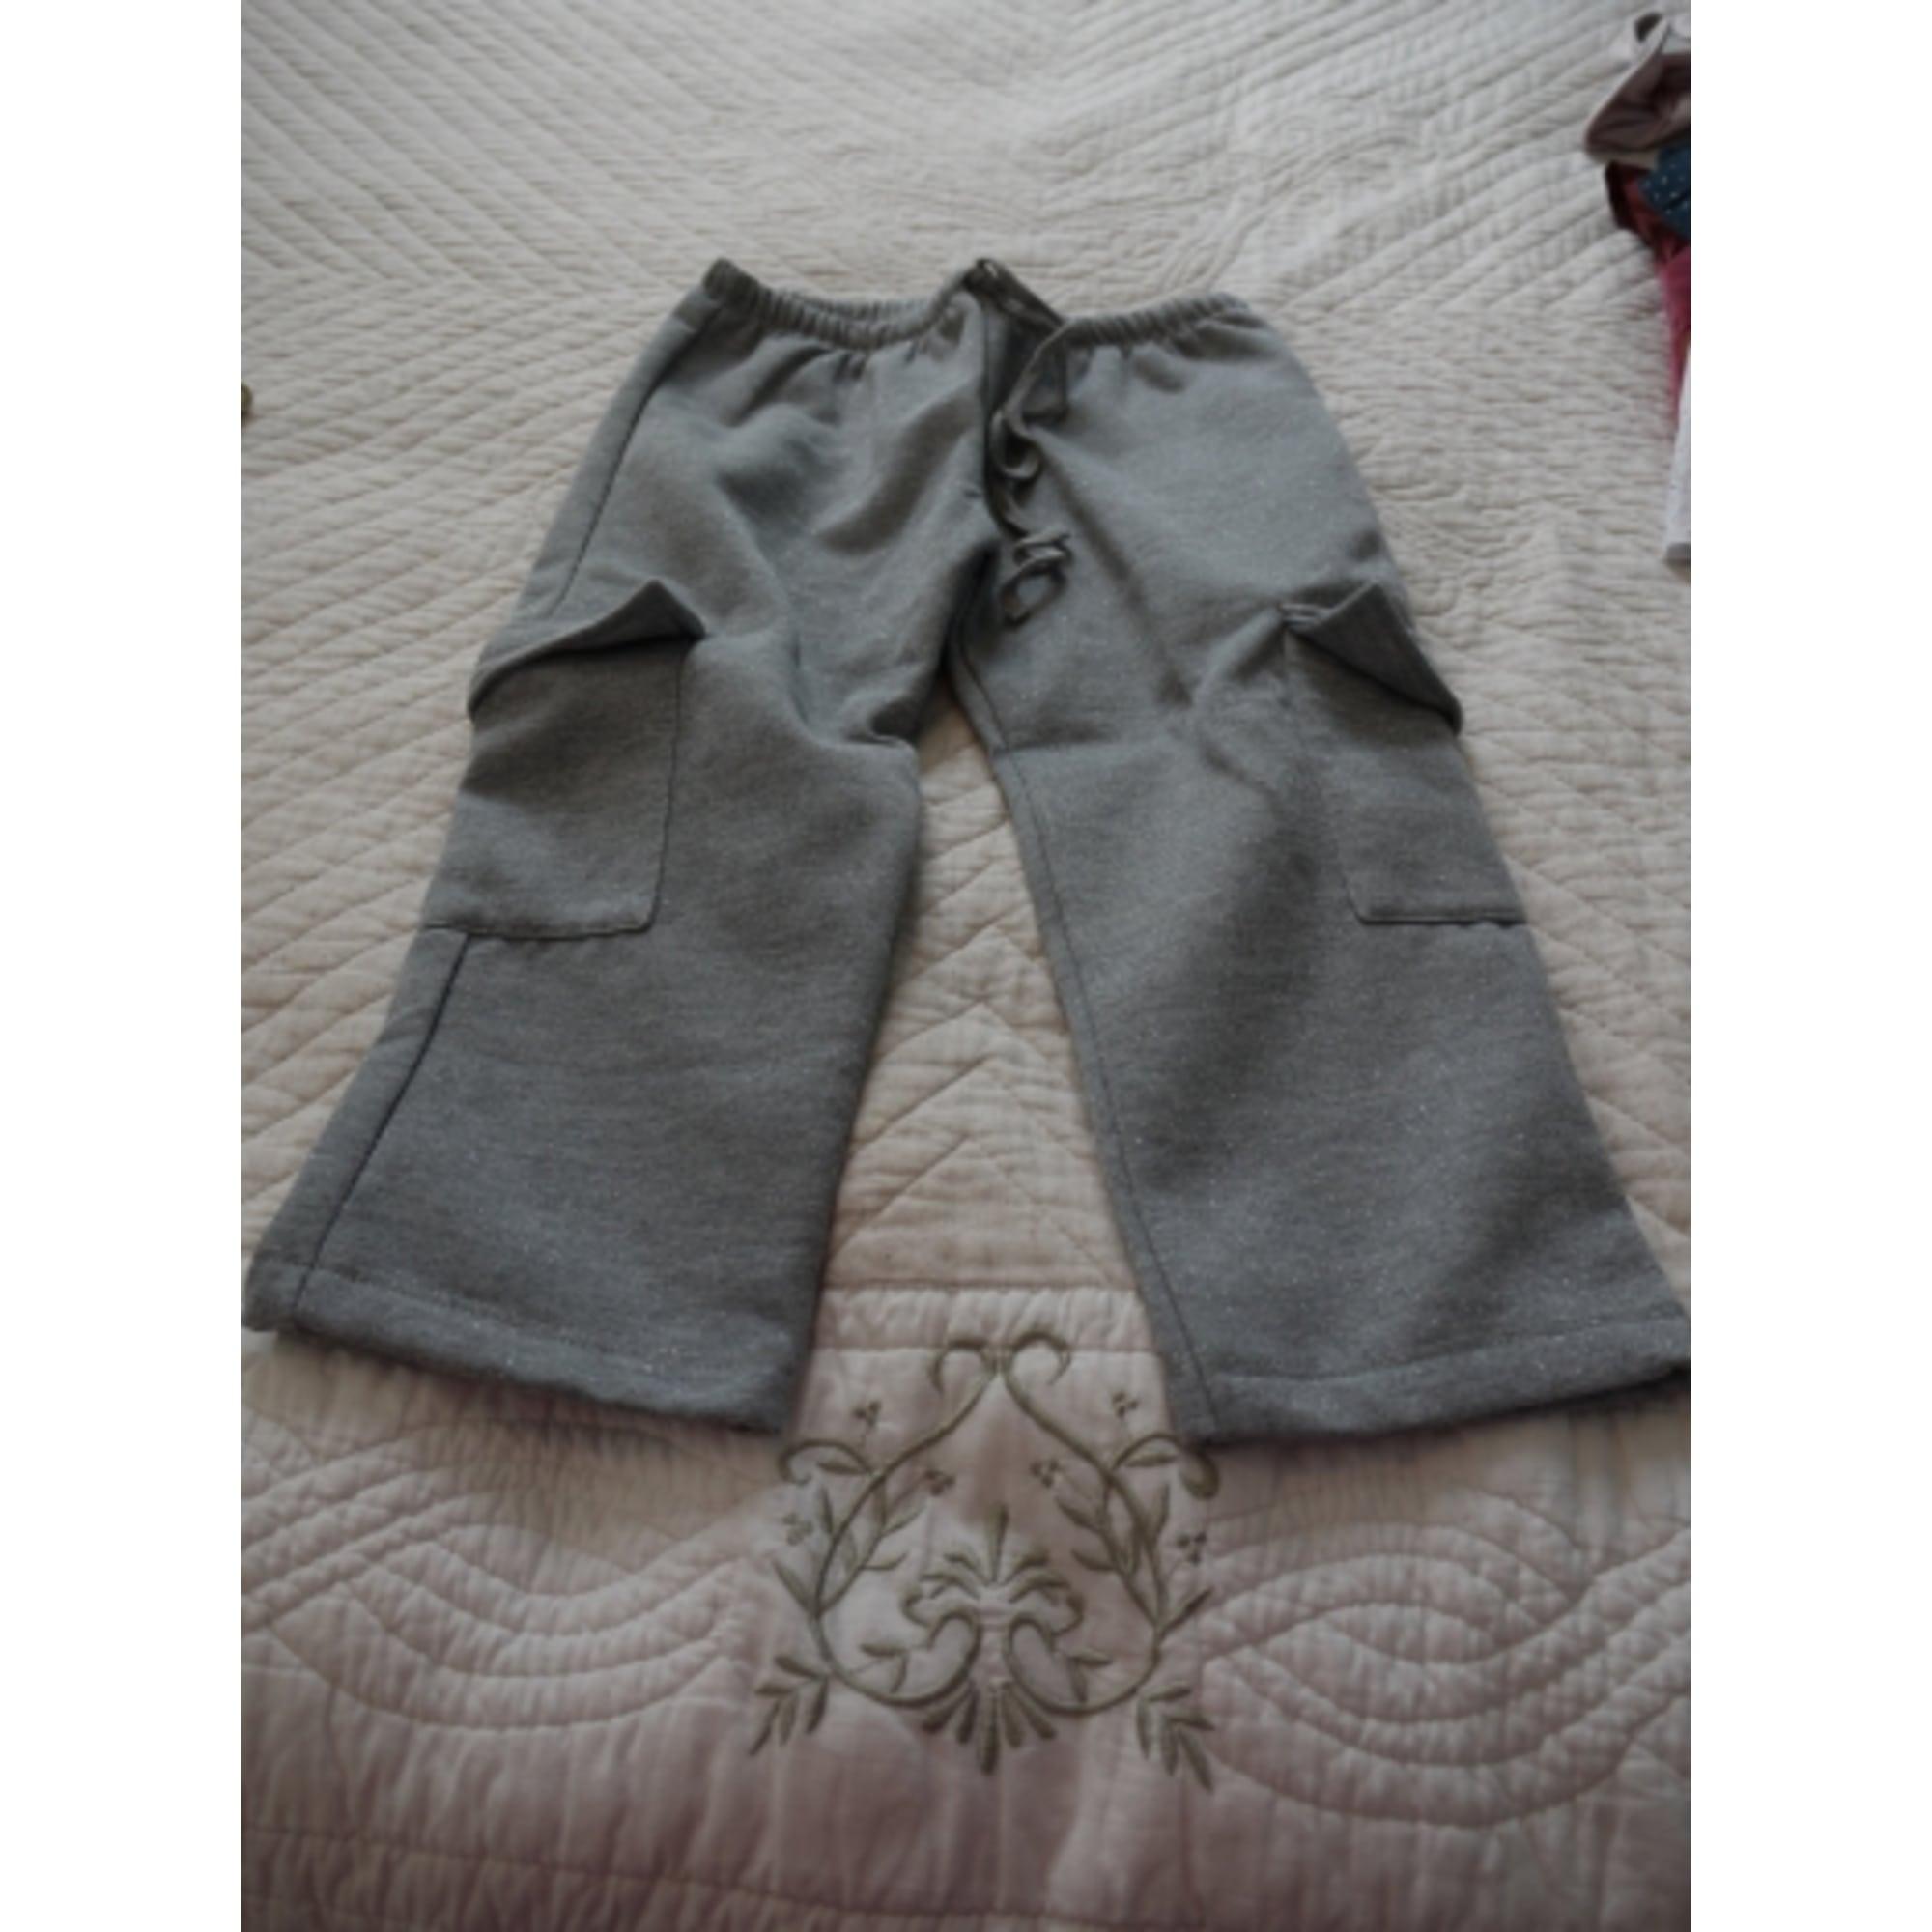 Ensemble jogging LE MARCHAND D'ETOILES coton gris 3-4 ans